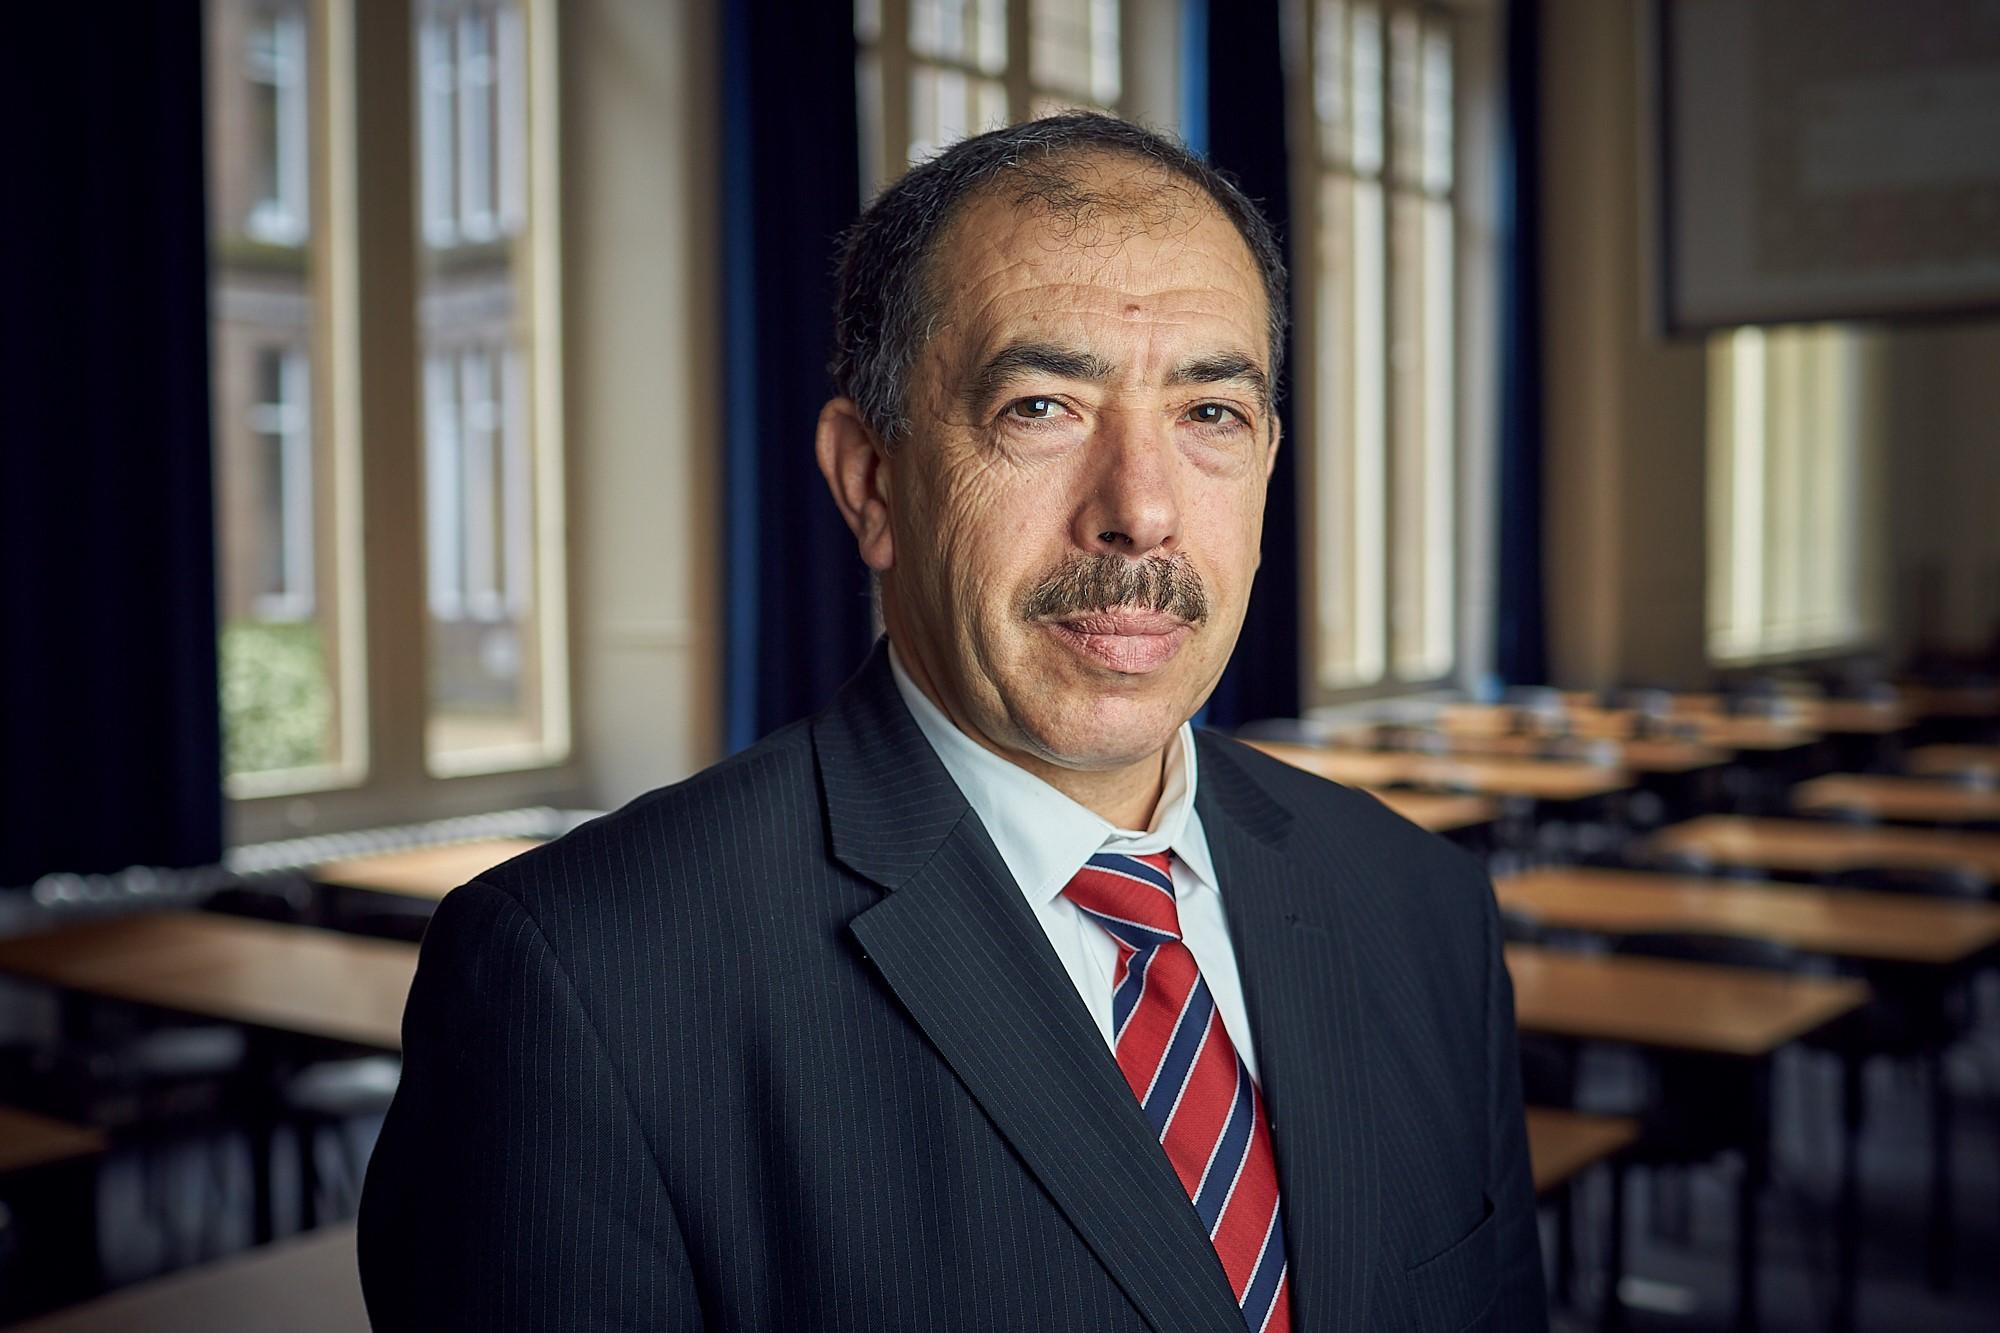 Mohamed Branine